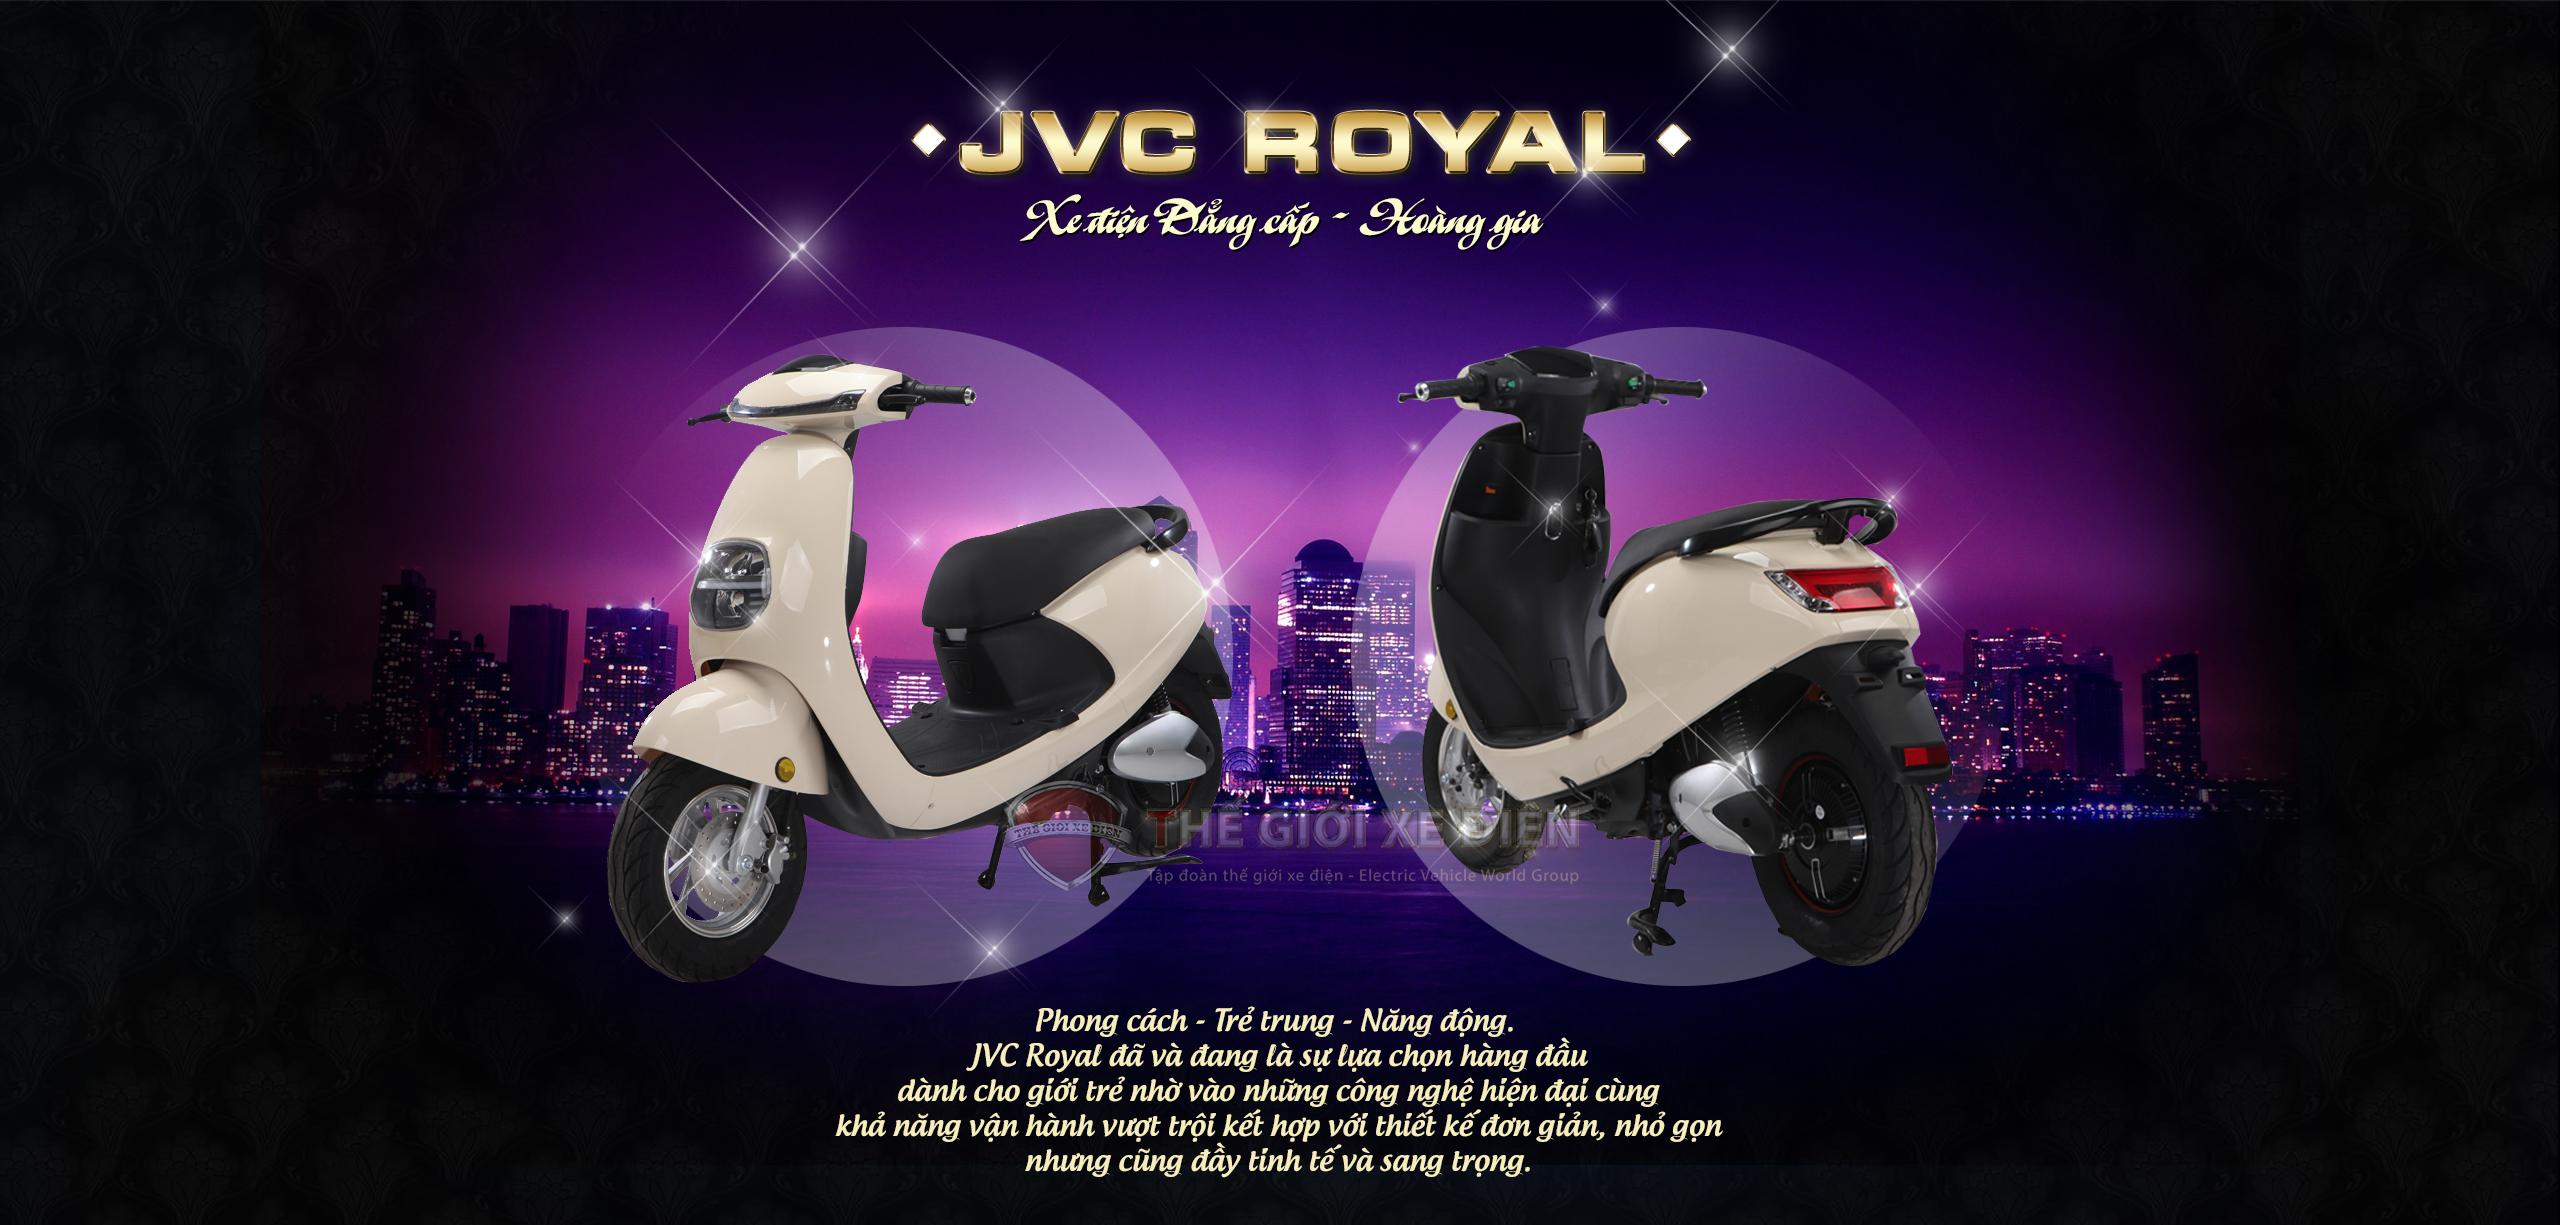 banner-jvc-royal